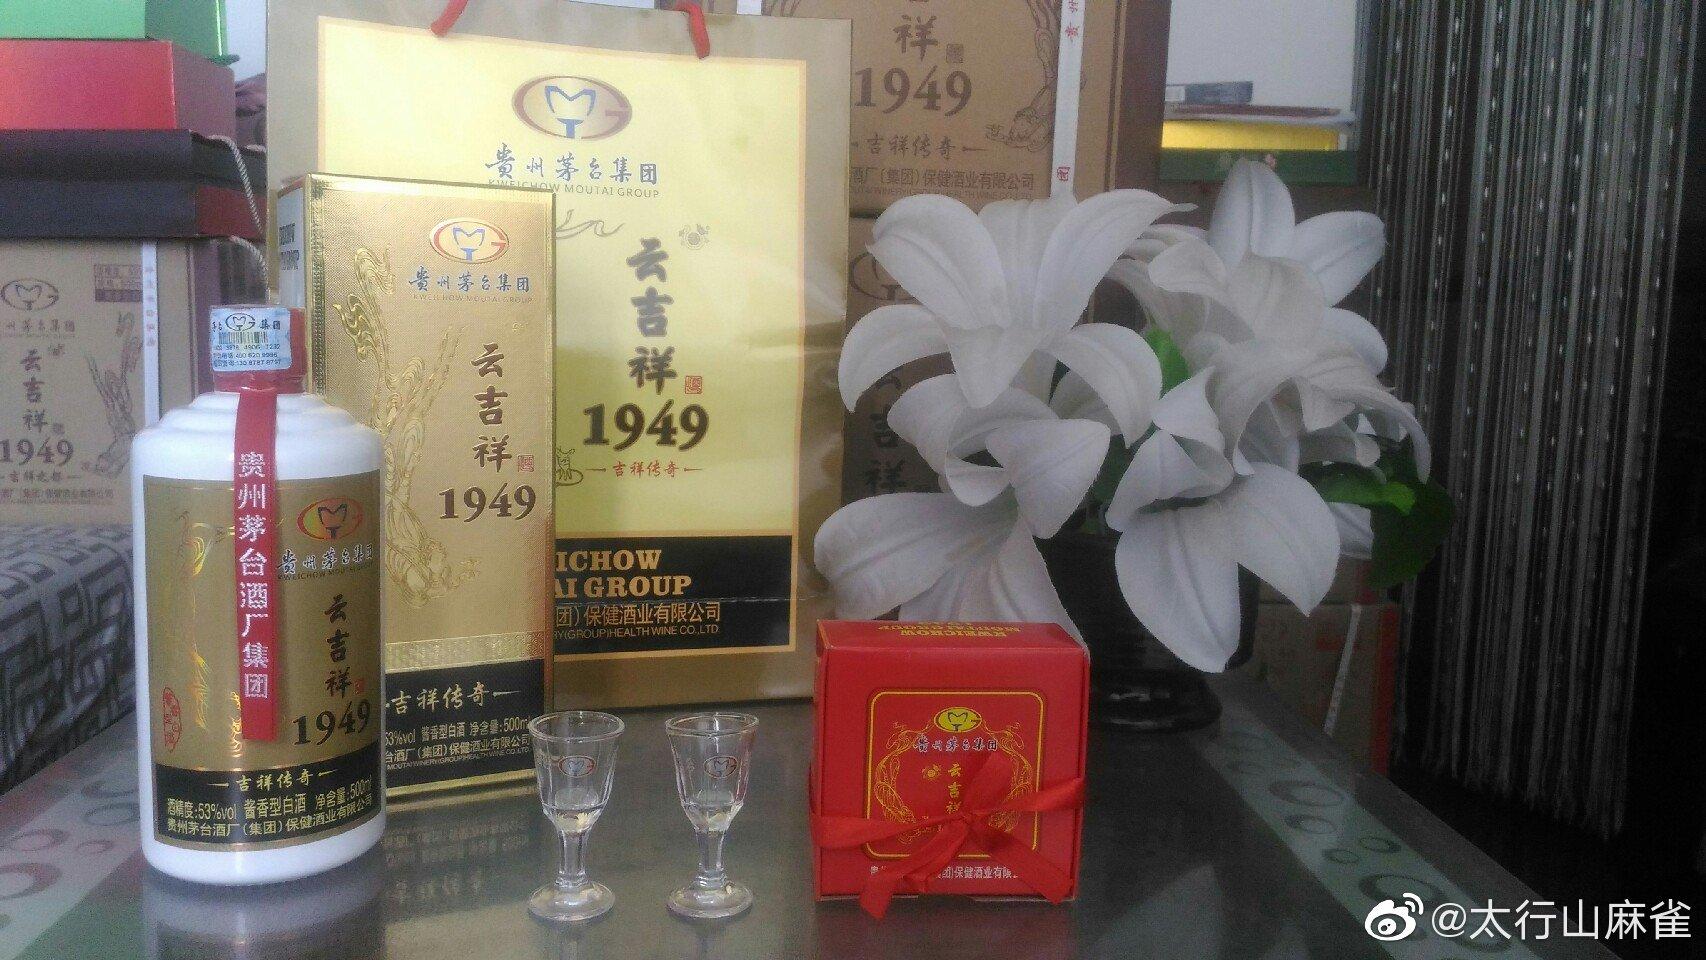 茅台酒厂1949吉祥传奇酒,固态法碎沙酱香型53度,统一售价399元可打2.6折